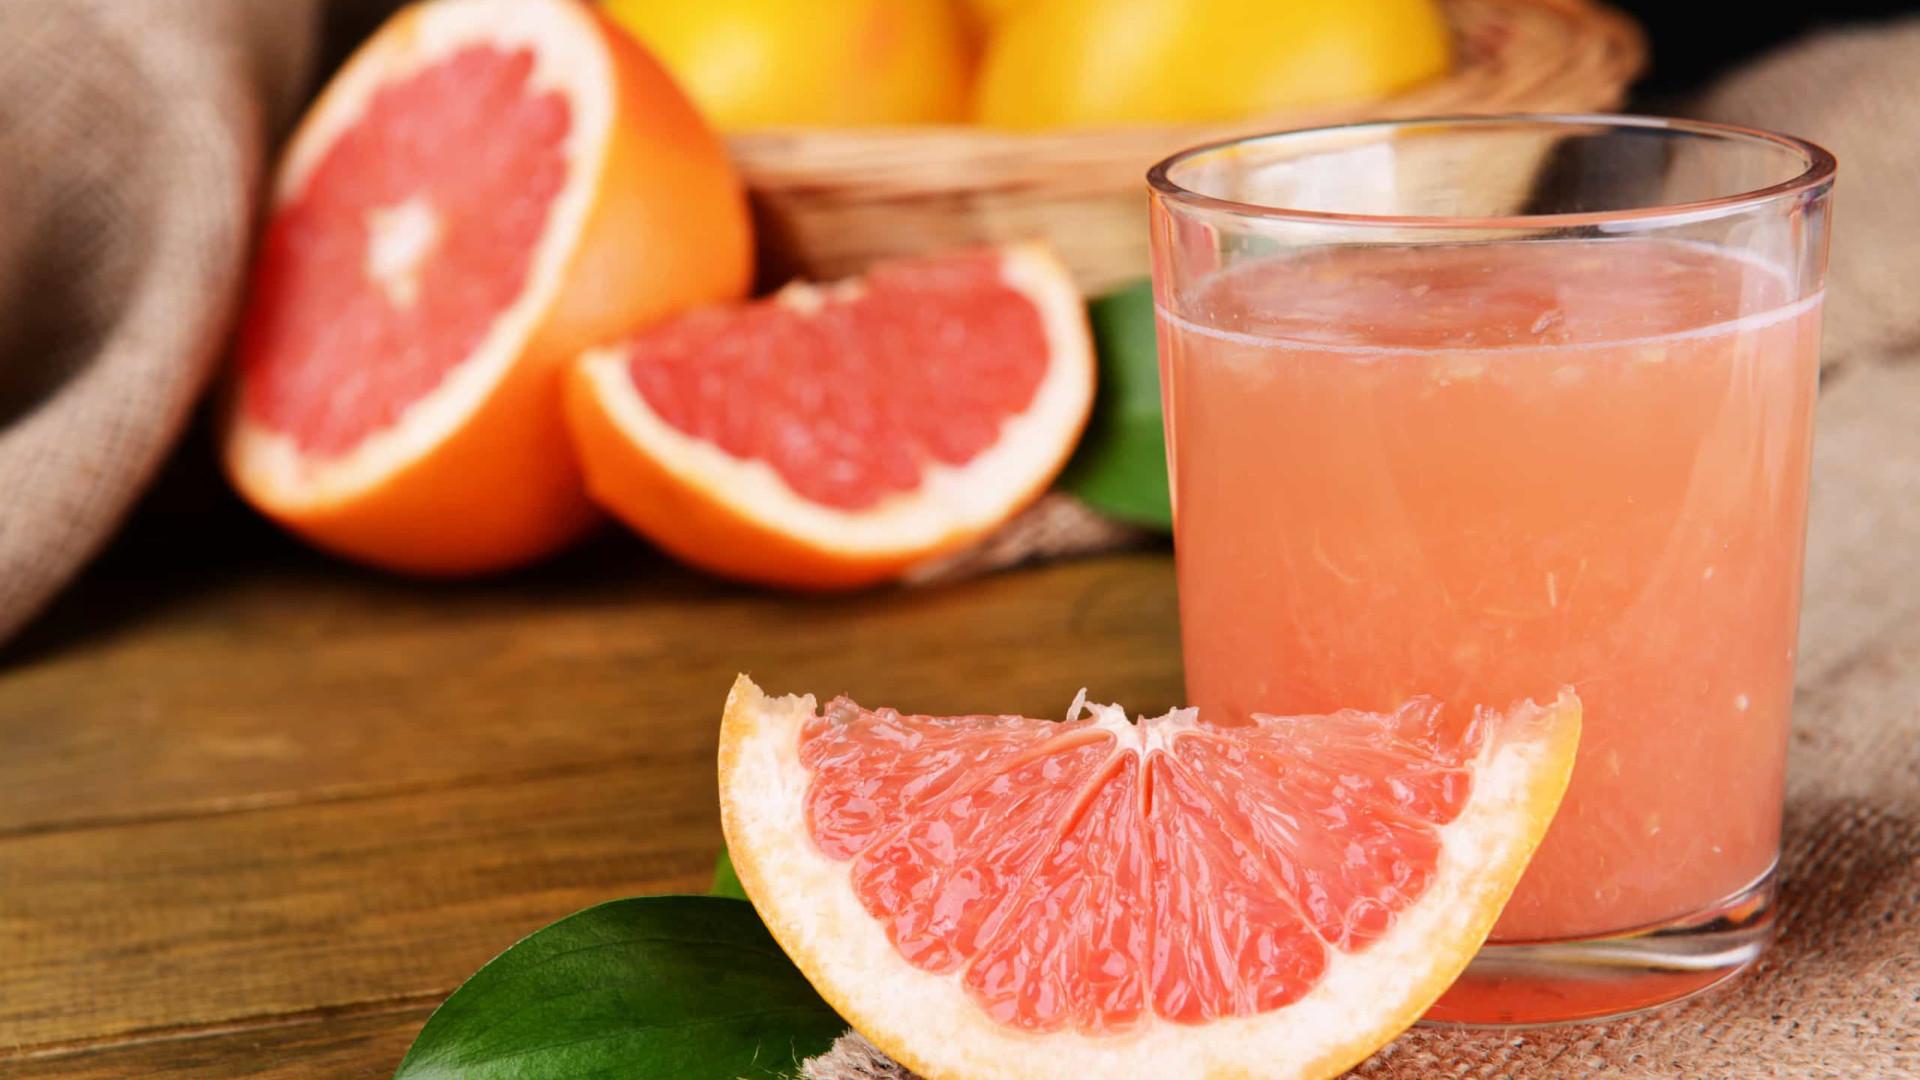 Olá, corpo de verão! O sumo de toranja e limão que 'destrói' a celulite